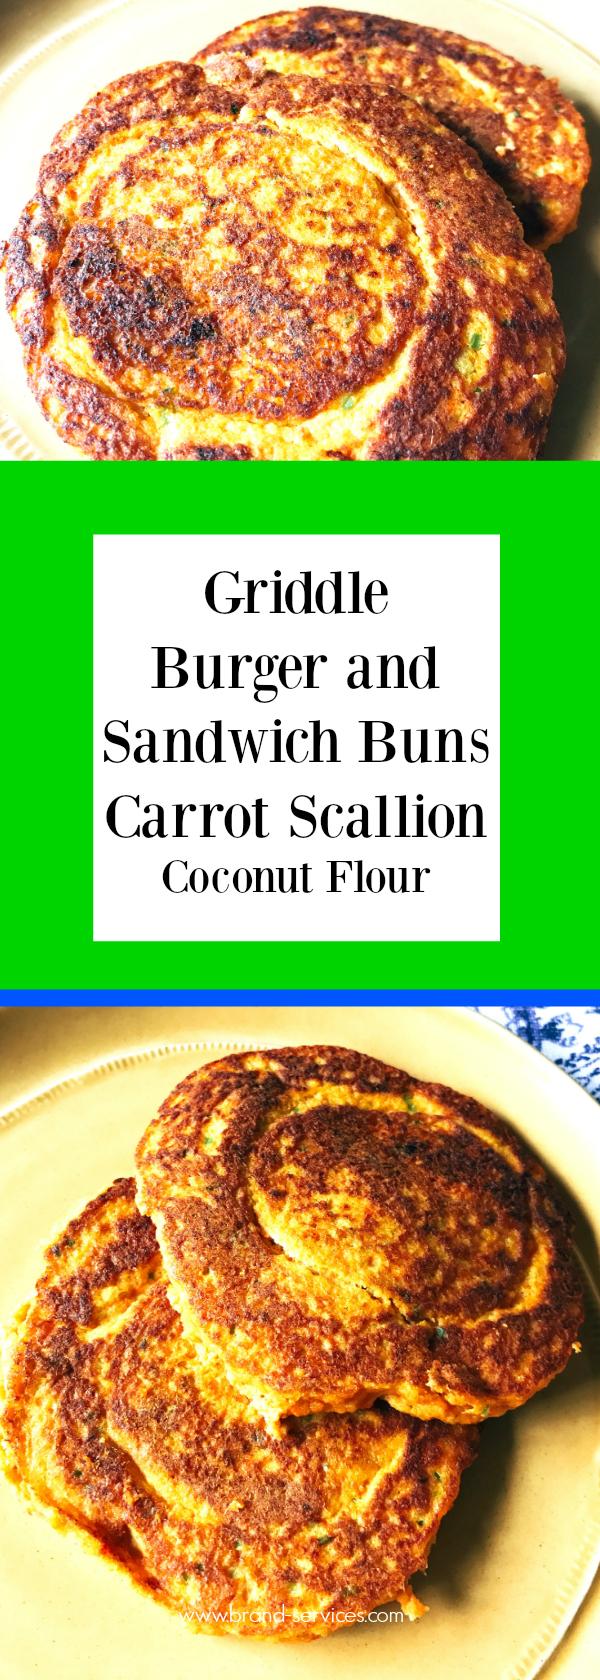 Griddle Burger and Sandwich Buns